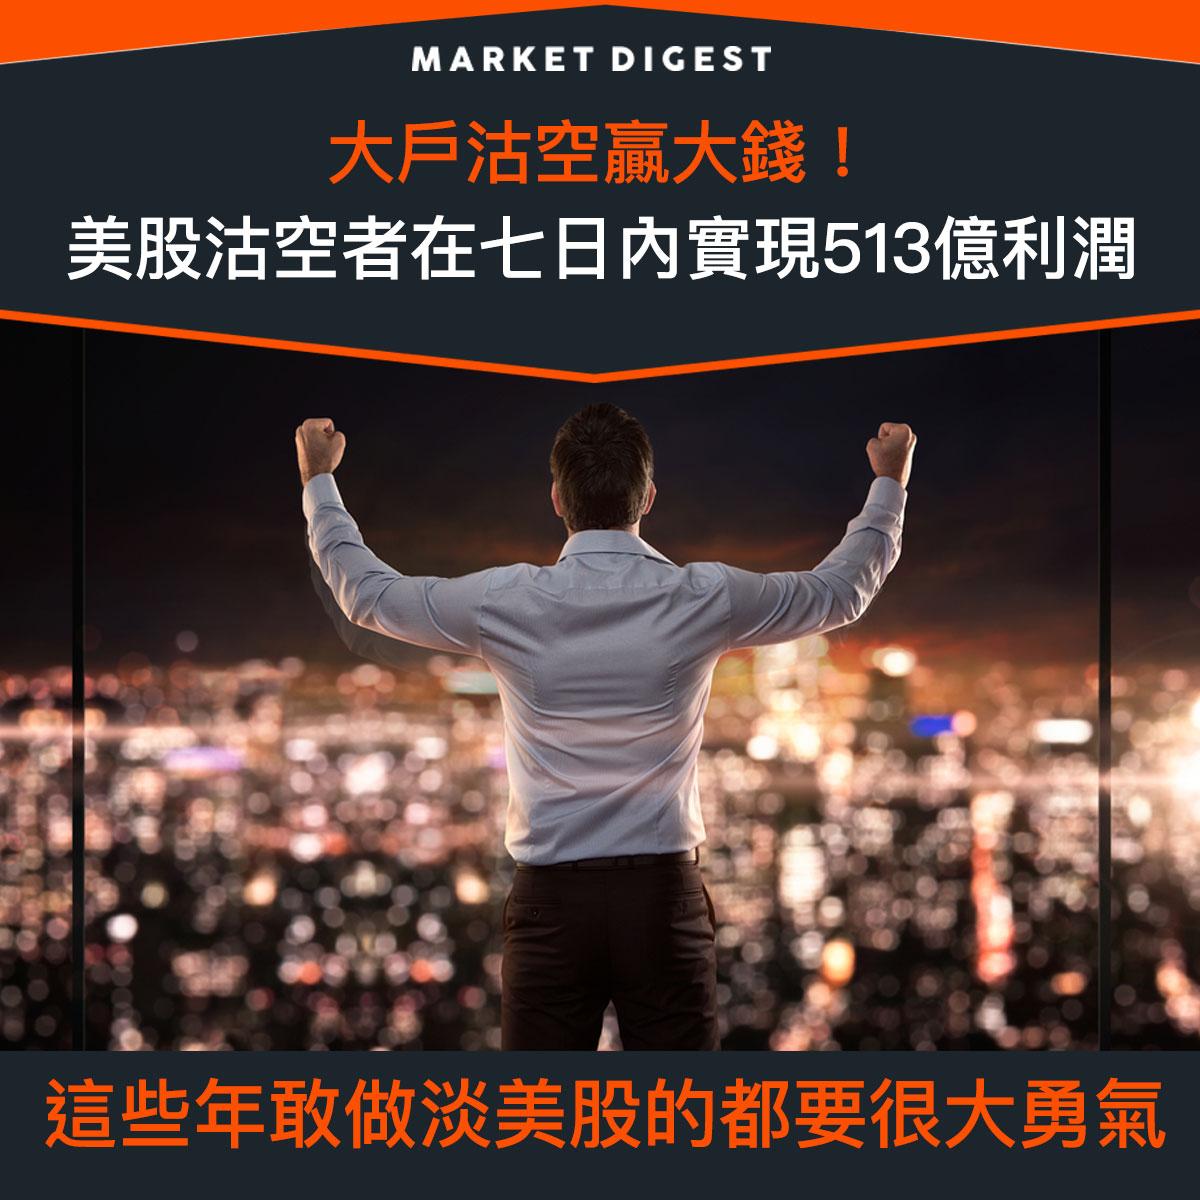 【市場熱話】美股沽空者在七日內實現500億利潤